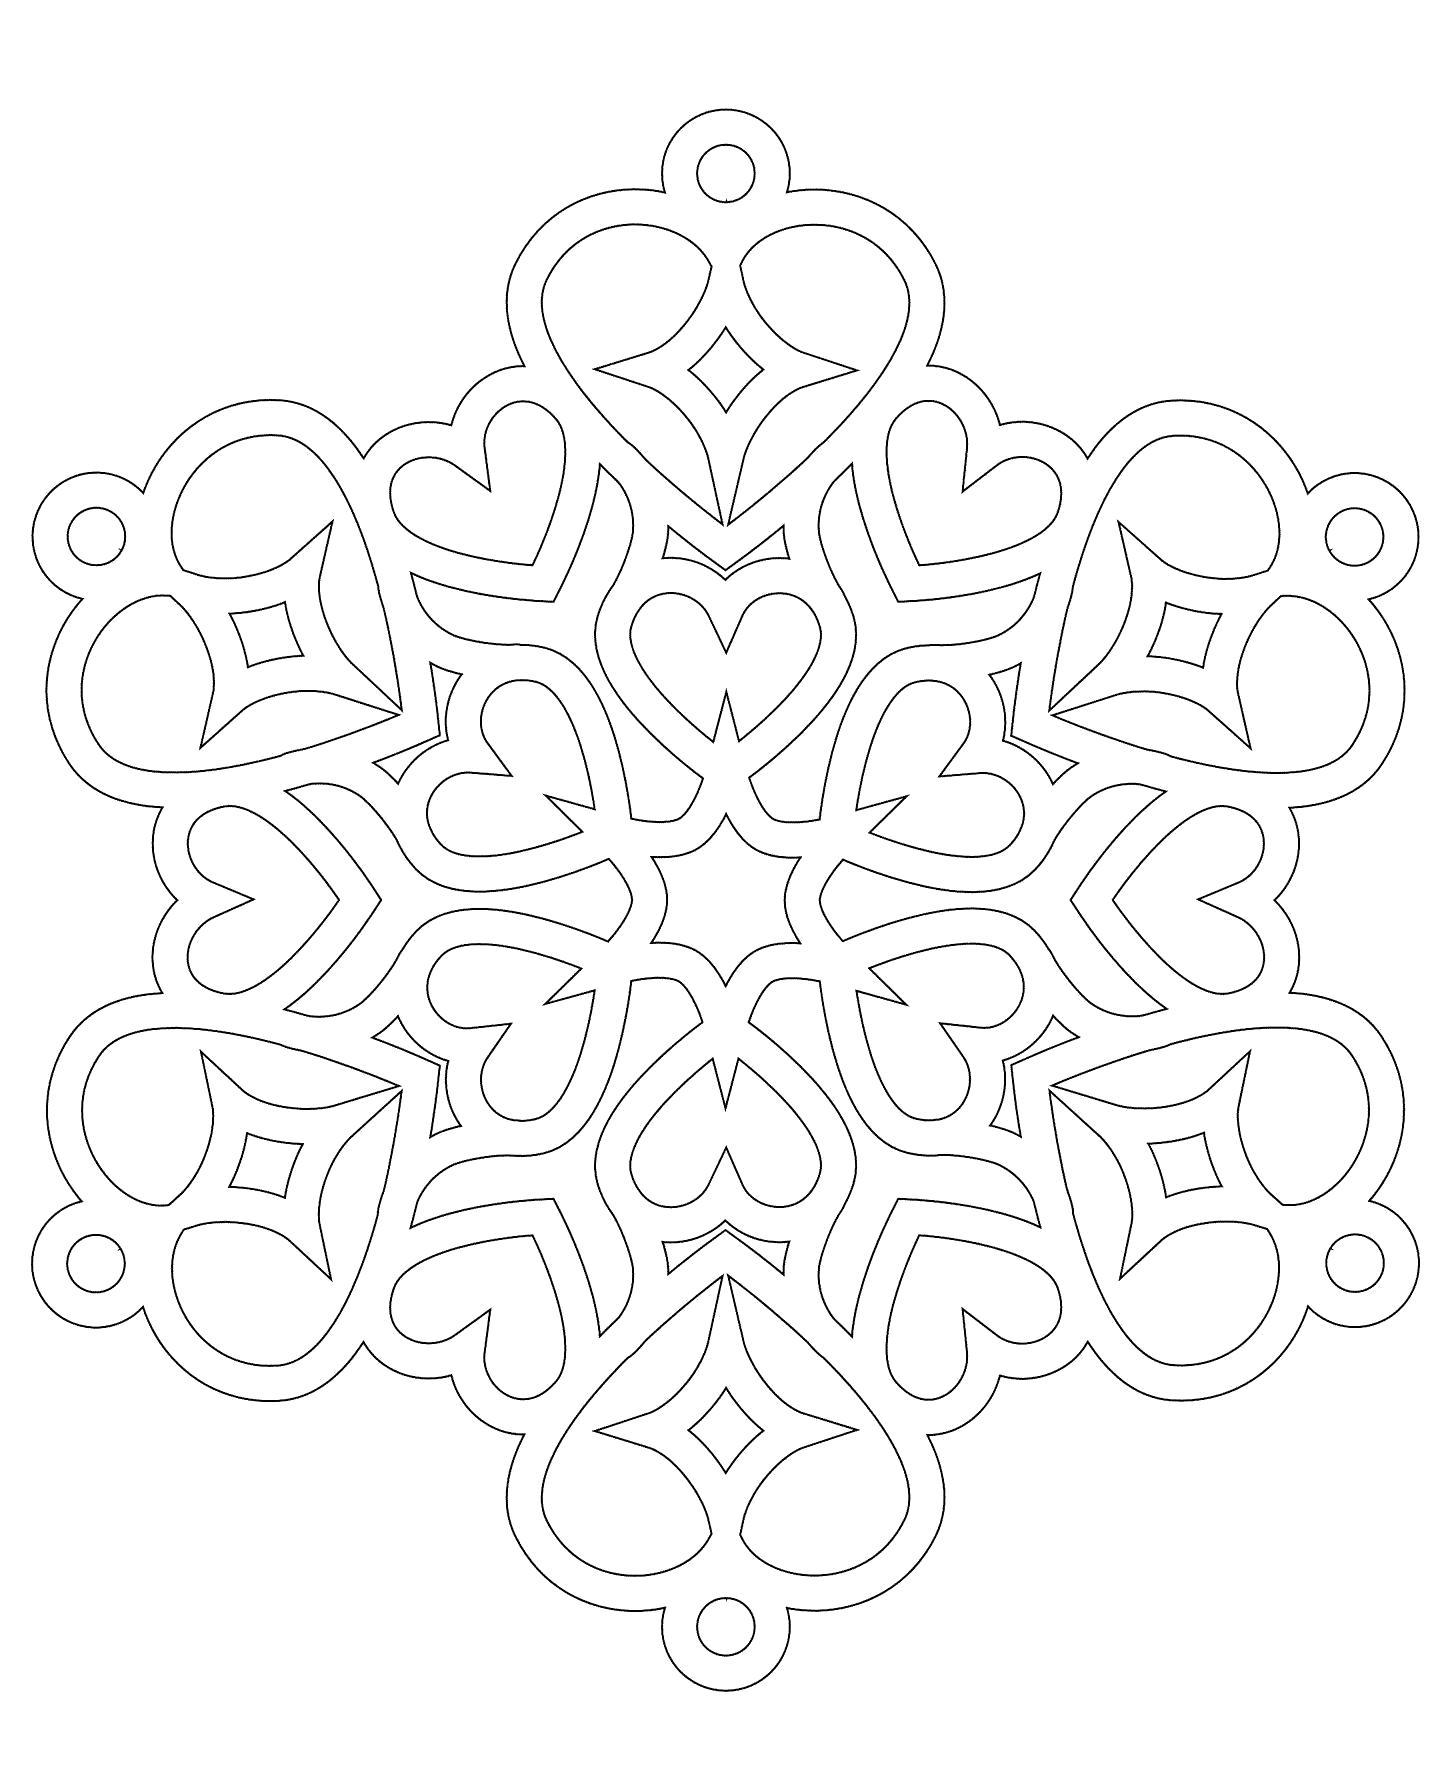 Раскраска снежинки трафарет снежинки из бумаги. Скачать Трафарет.  Распечатать Трафарет